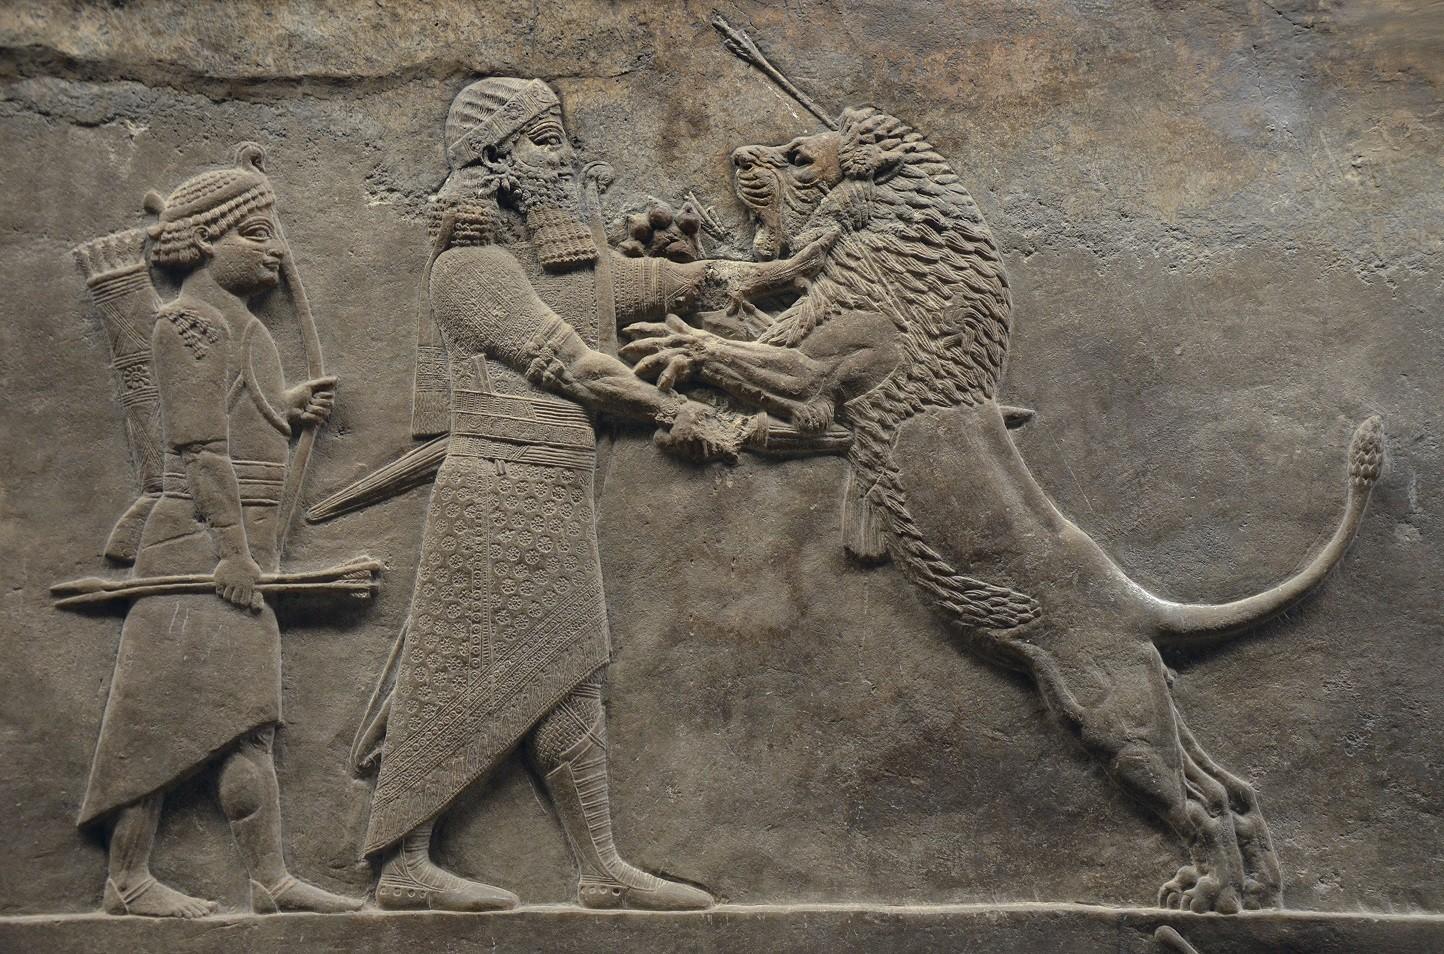 Painel da civilização assíria  (Foto: Wikimedia Commons)